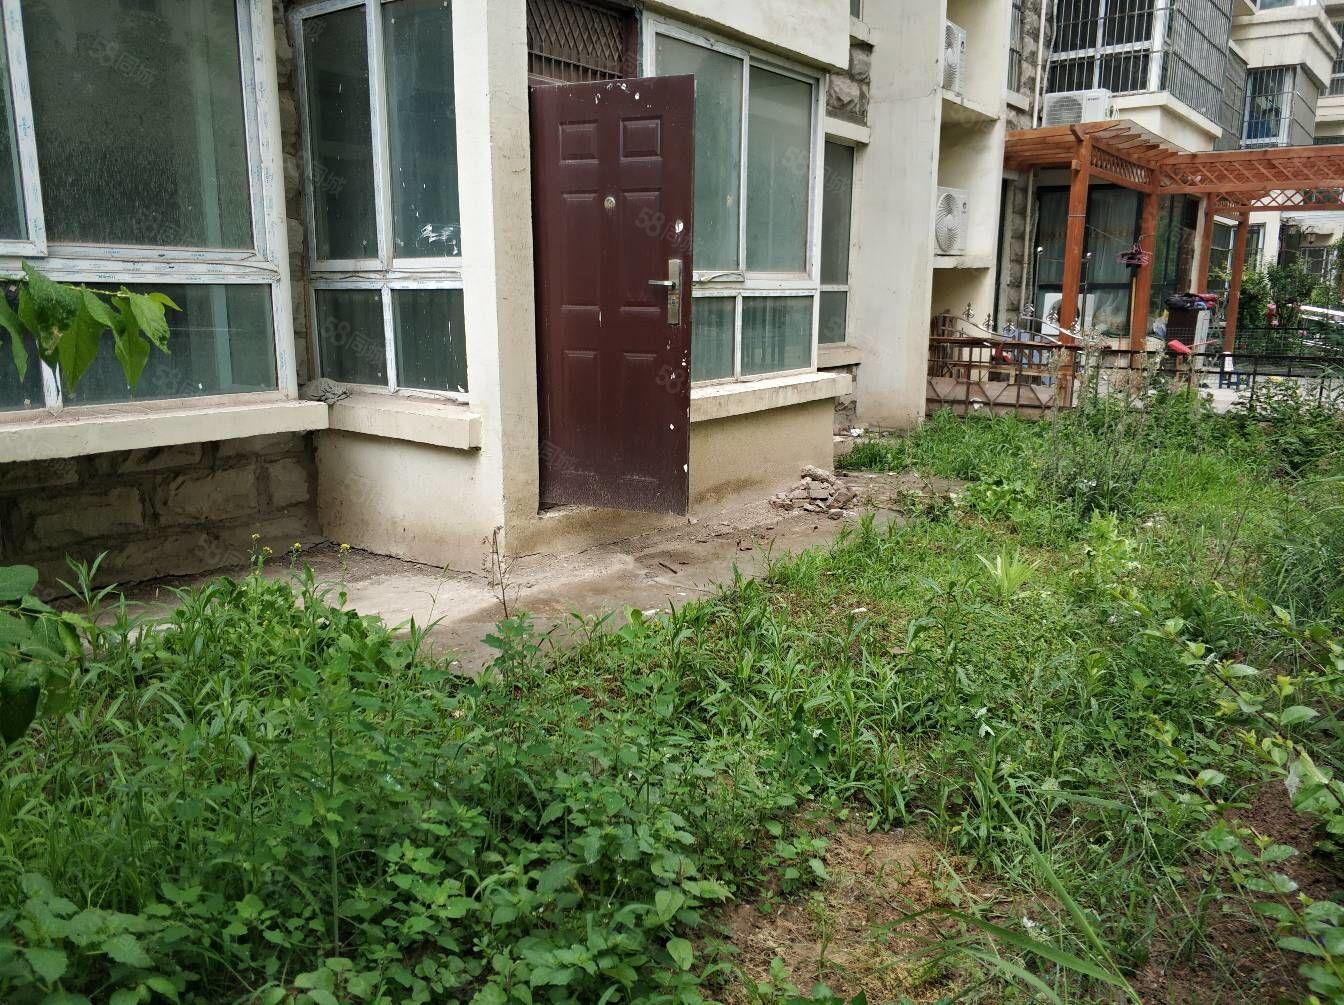 新上香榭丽舍大四居室有院子随时看房可公积金贷款